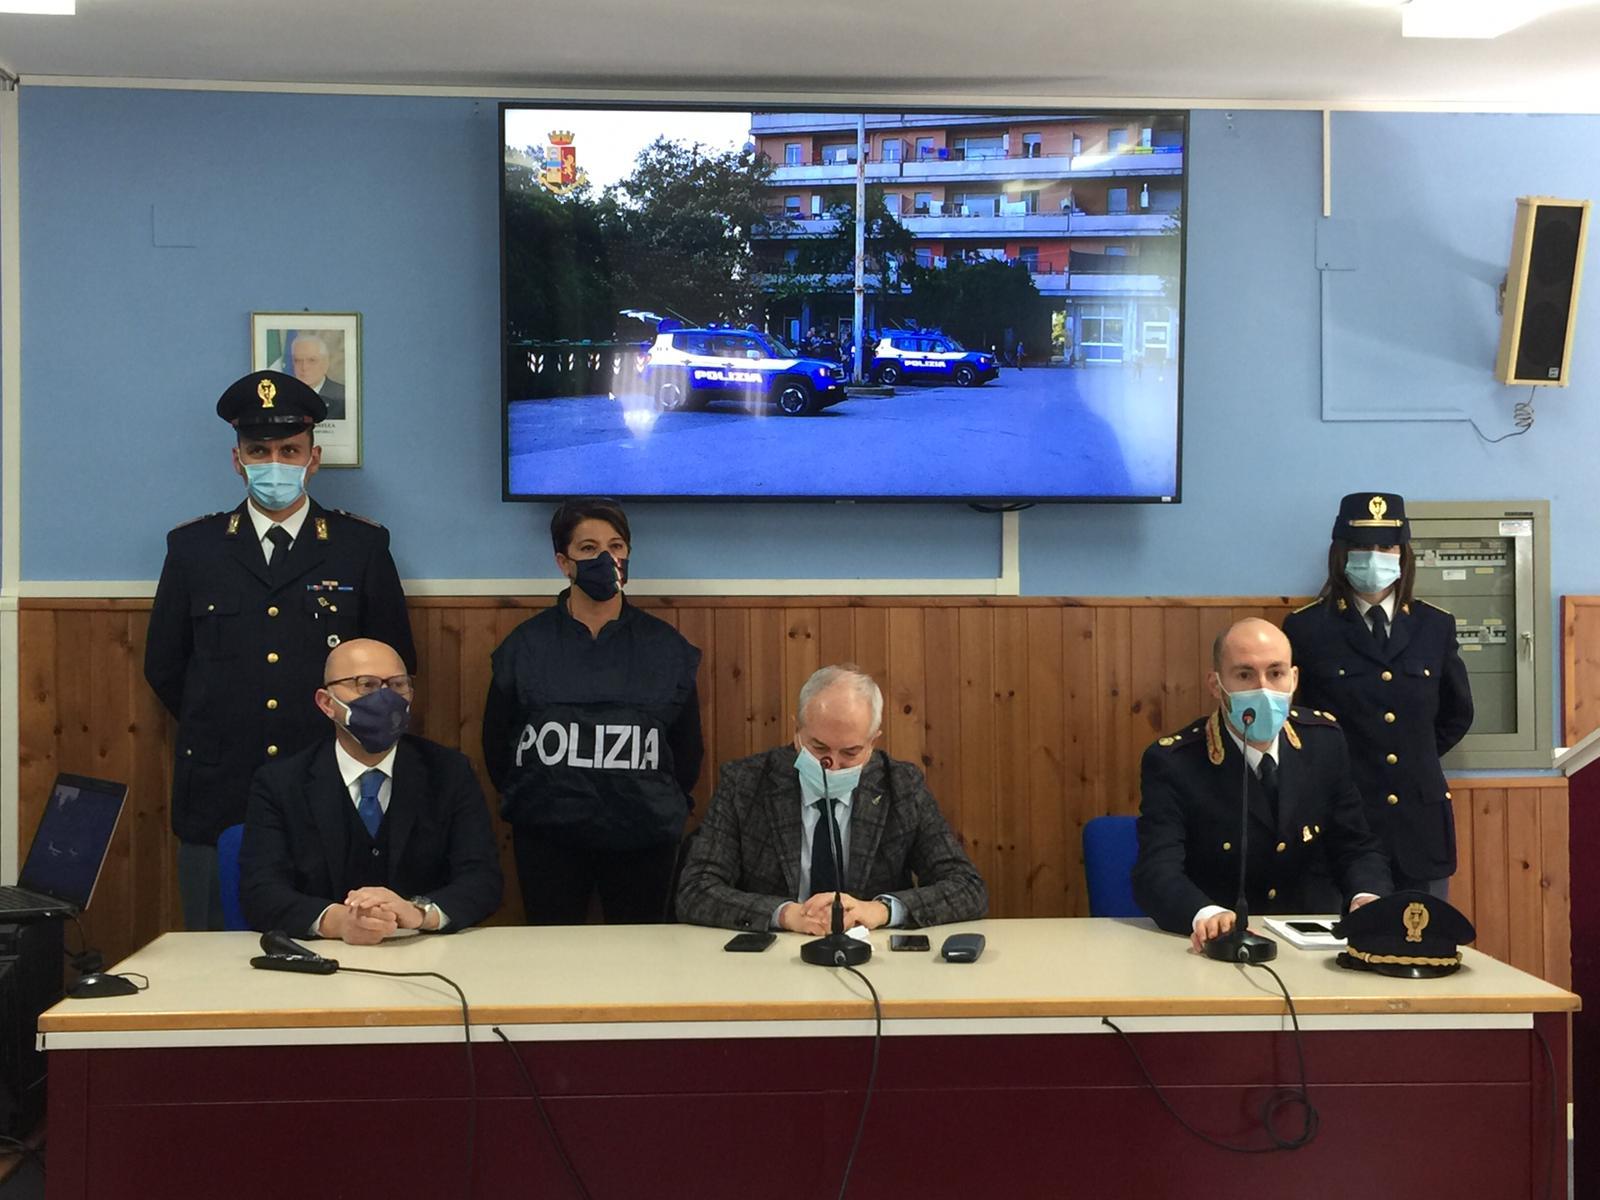 La Polizia di Stato smantella a Macerata una rete di spacciatori